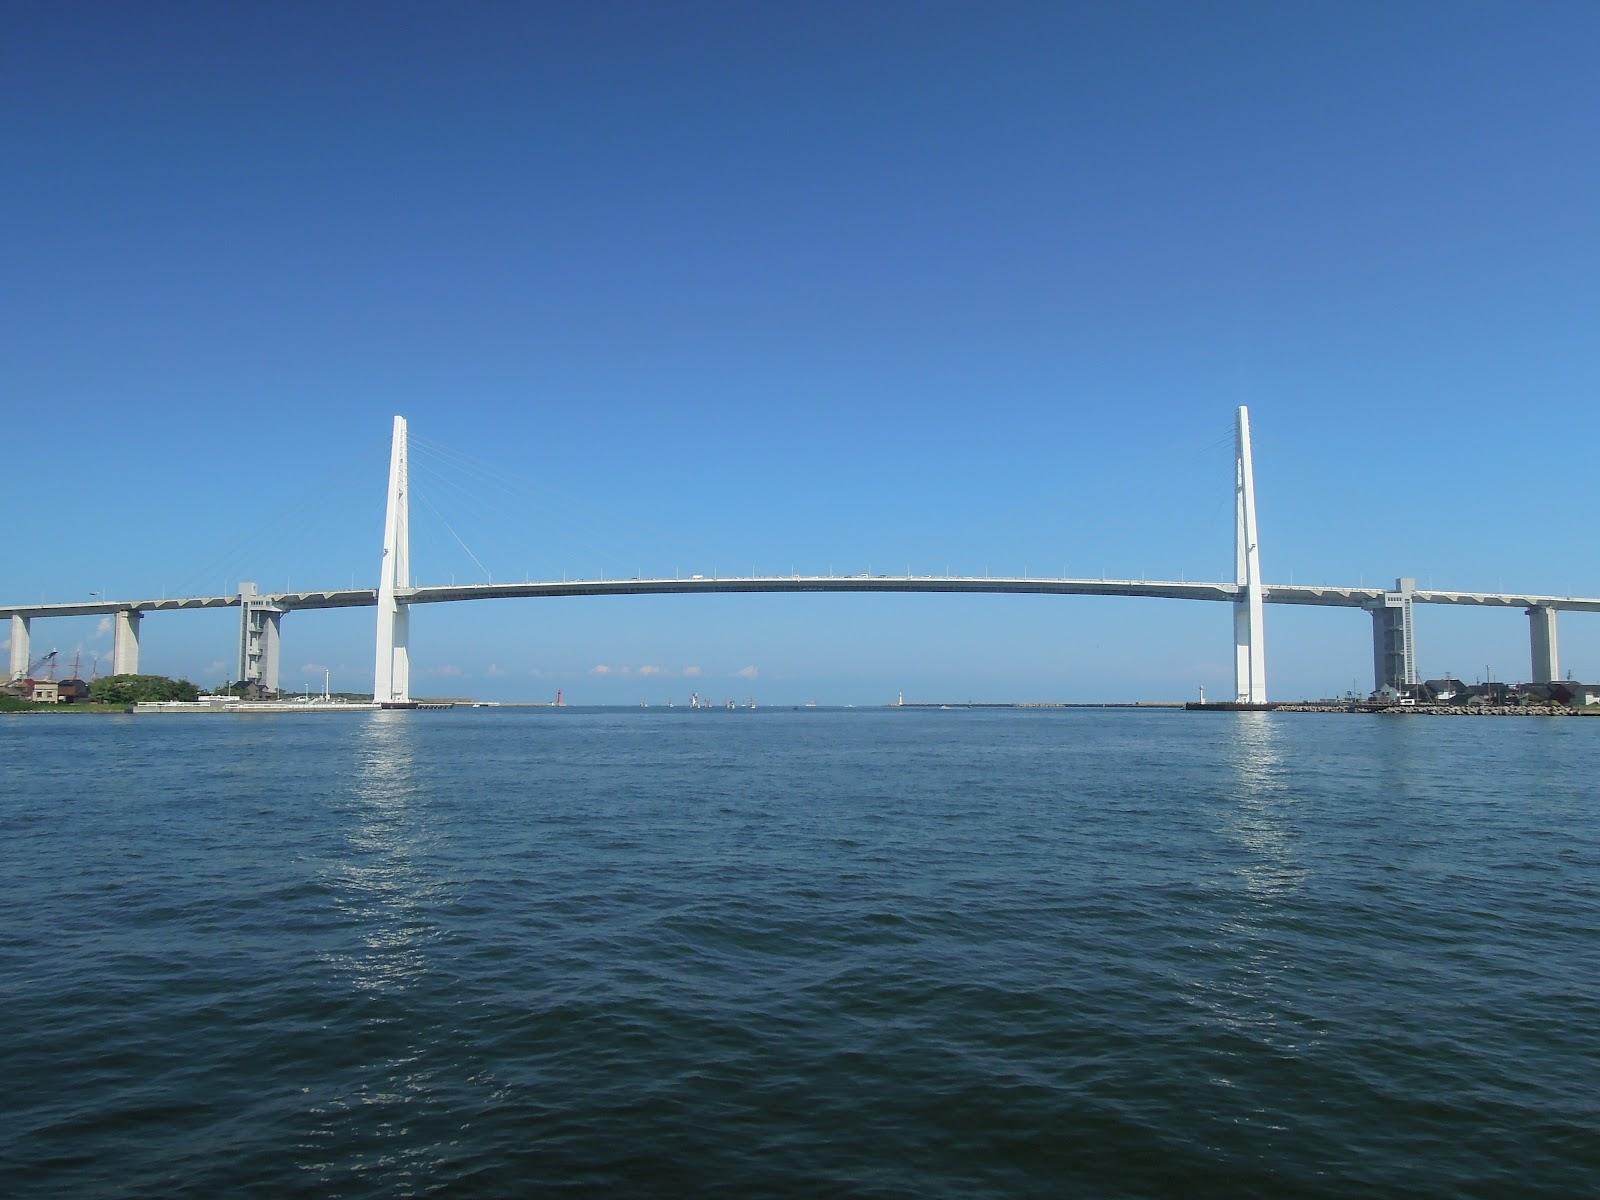 新湊大橋の画像 p1_36